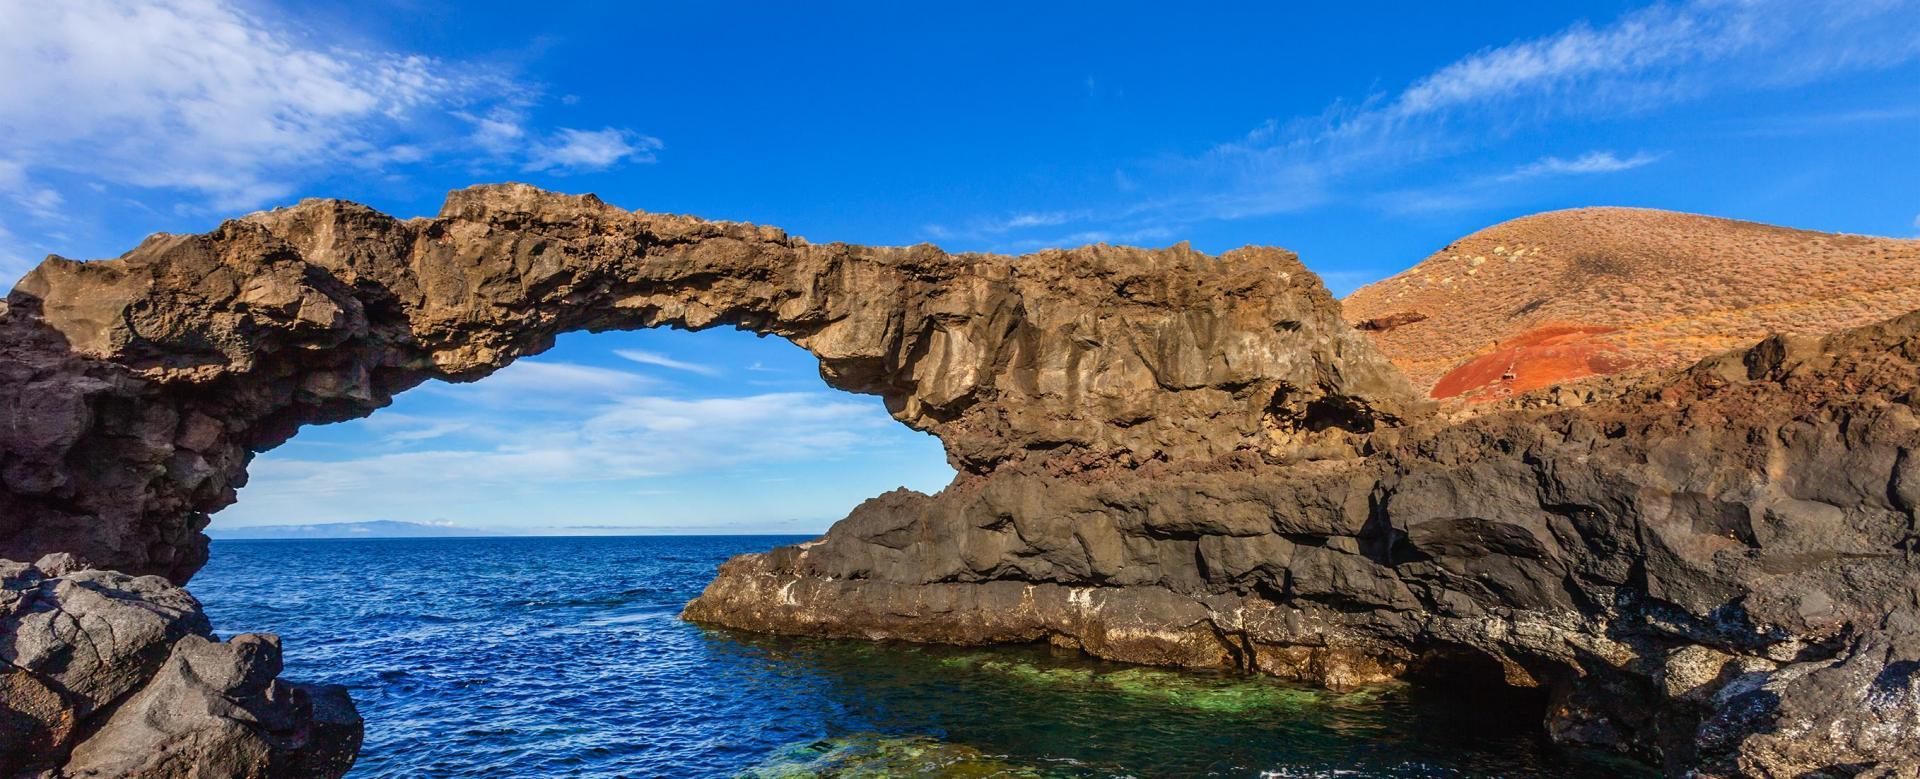 Voyage à pied Espagne : Tenerife et la petite hierro